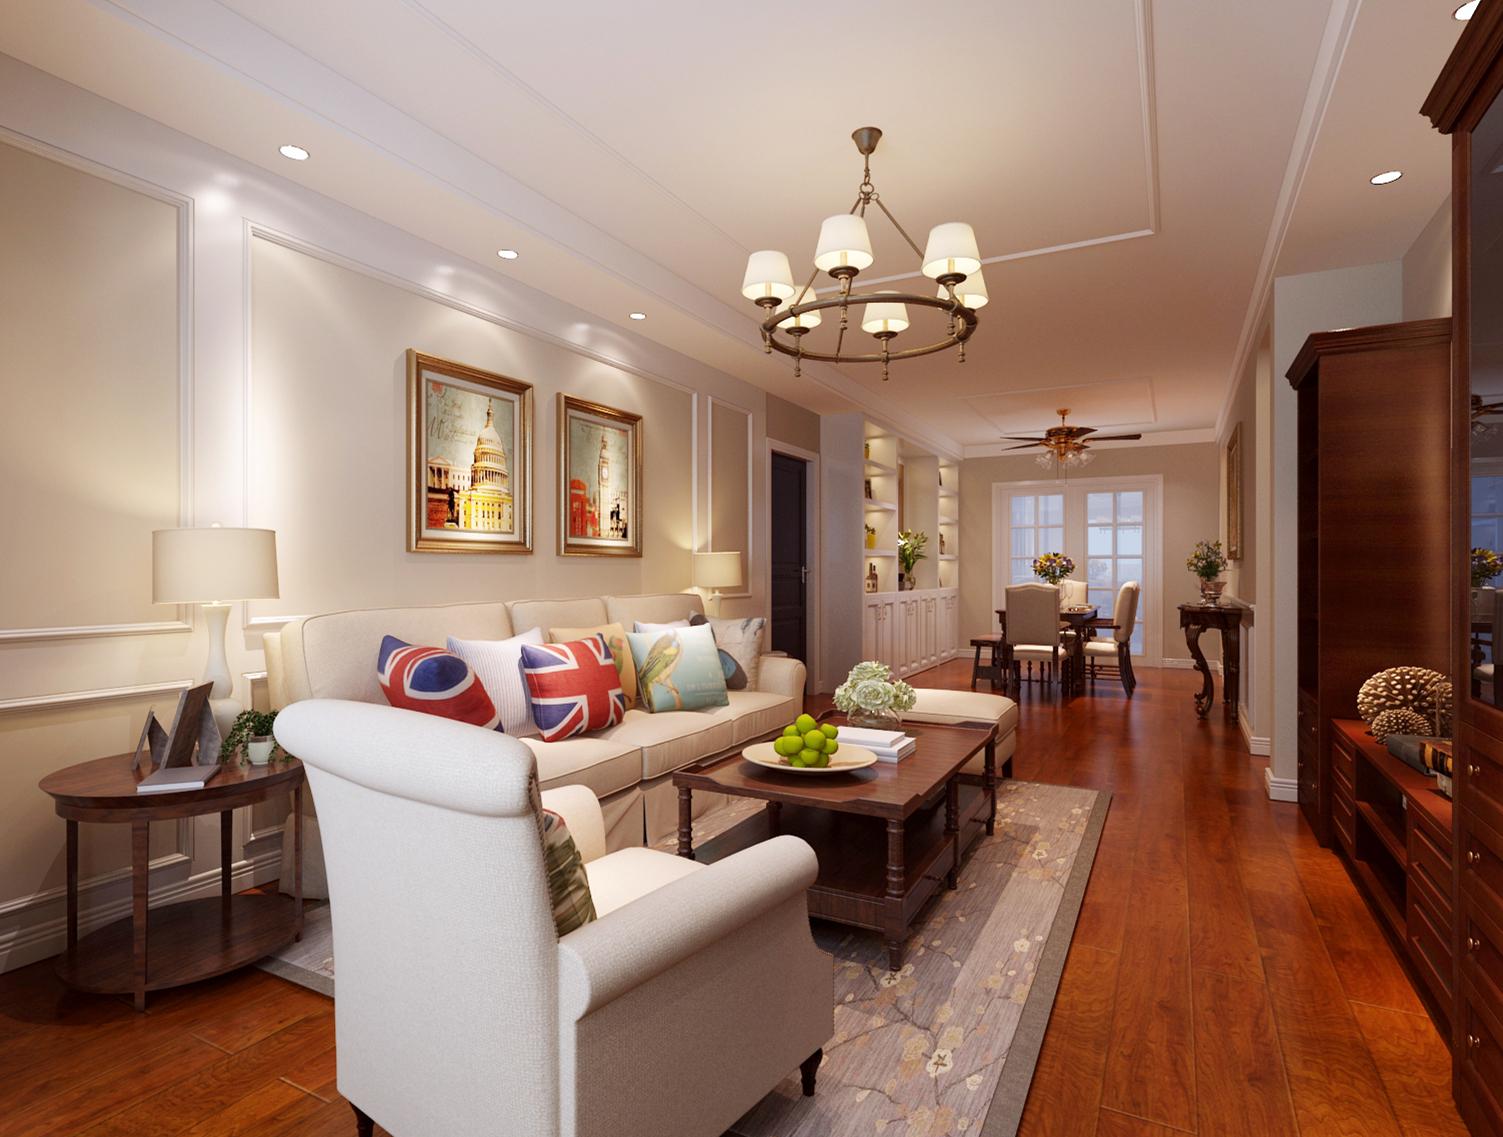 【房先森装修学院】你家的家居风格更适合哪种植物?一起来看看吧